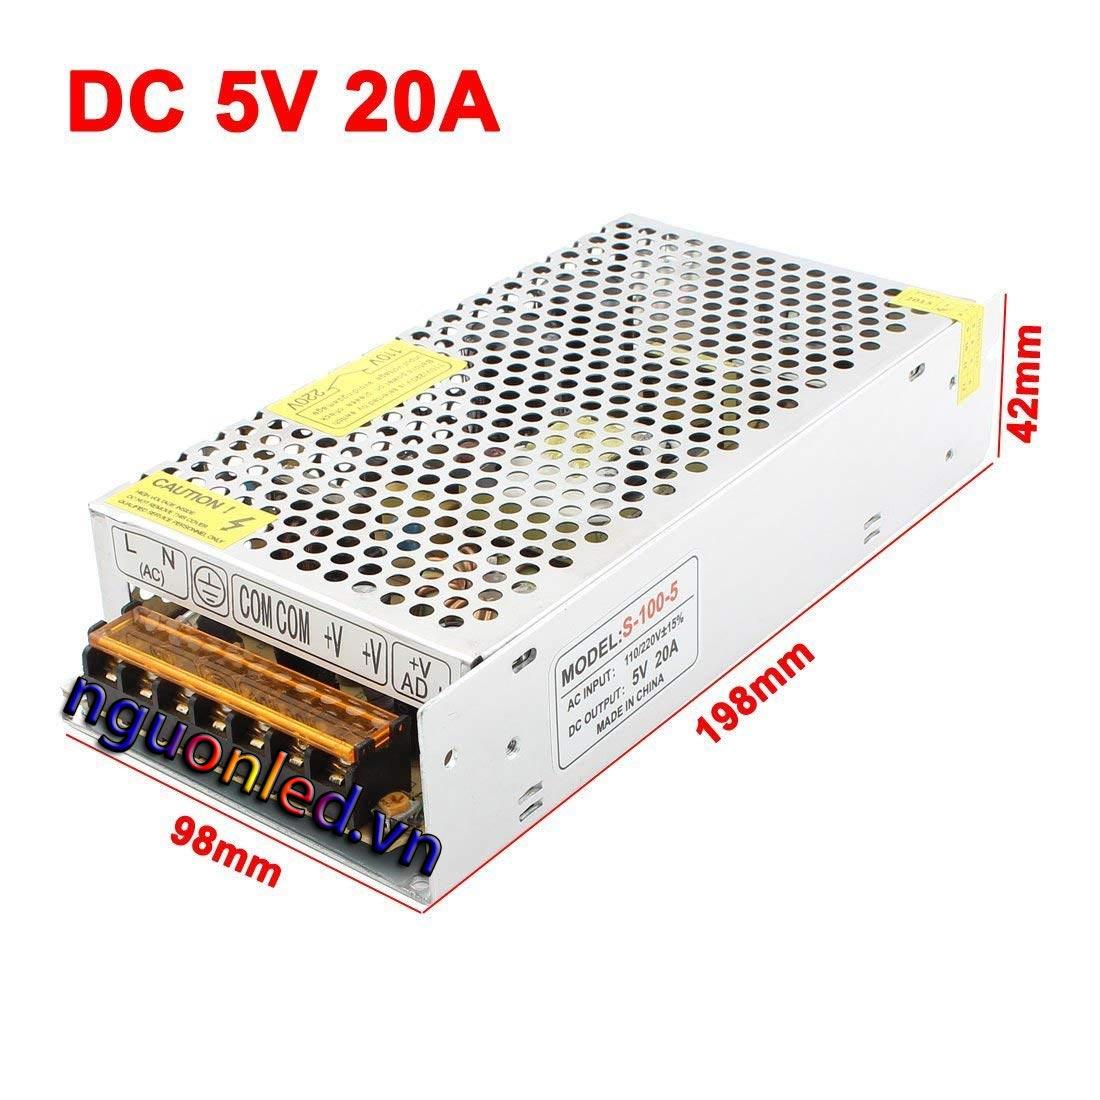 Nguồn 5V 20A loại tốt, giá rẻ, chất lượng, đủ ampe, dùng cho tự động hóa, camera, đèn led, nguonled.vn